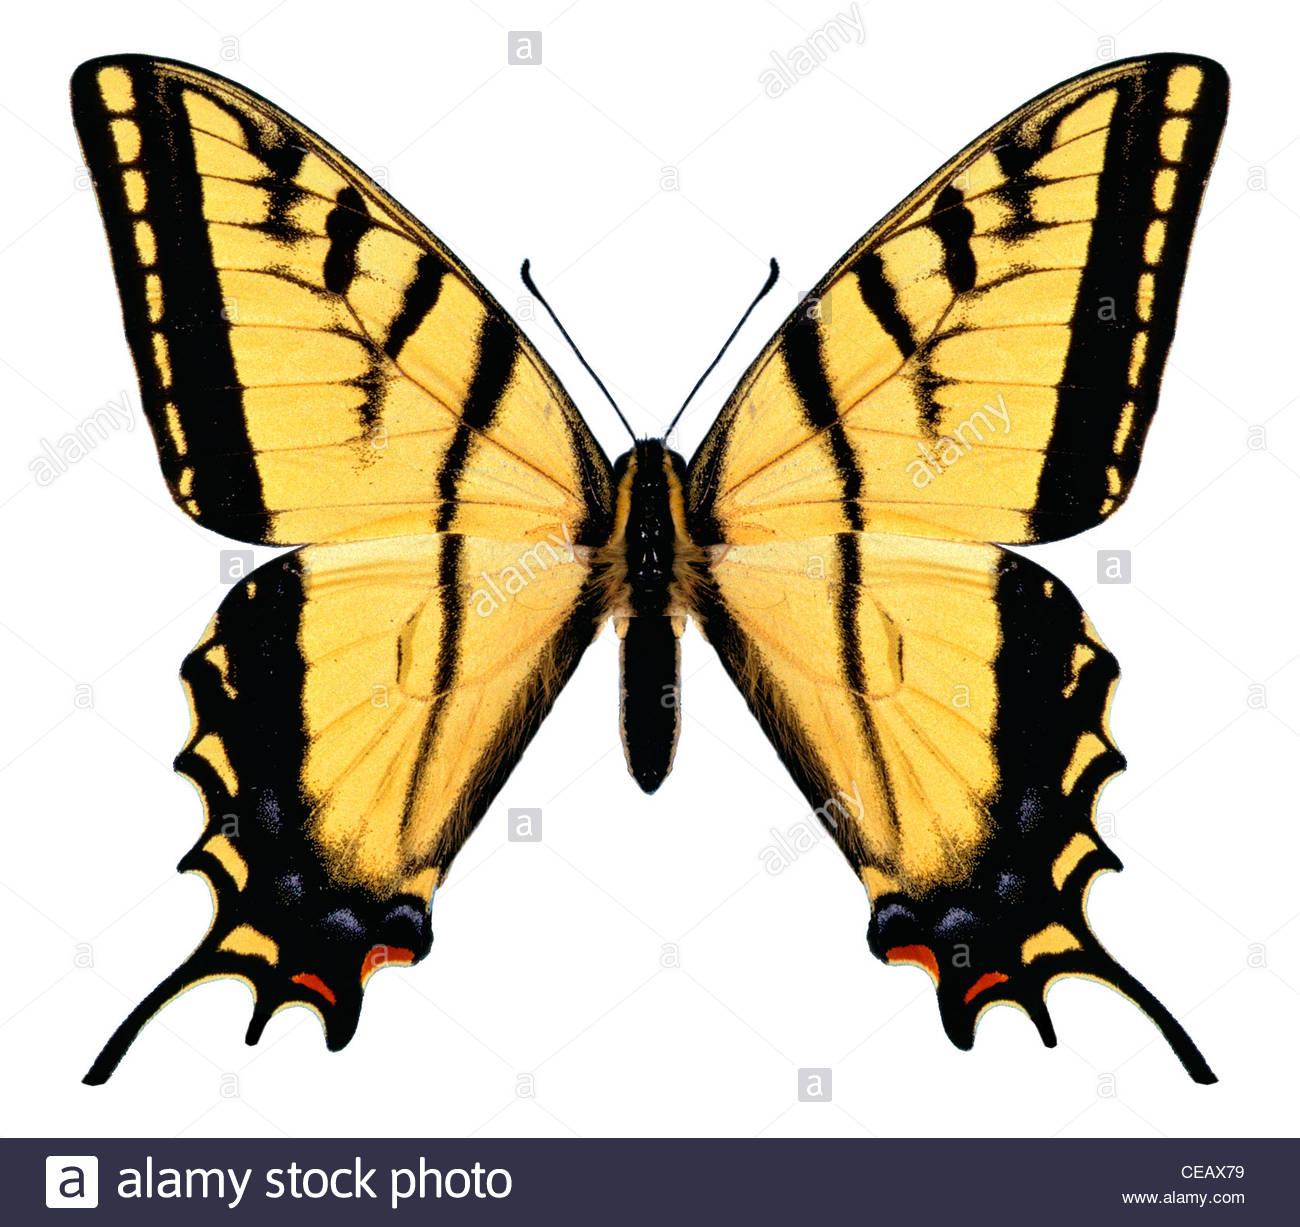 Butterfly immagine del computer, concetto, mistero Immagini Stock